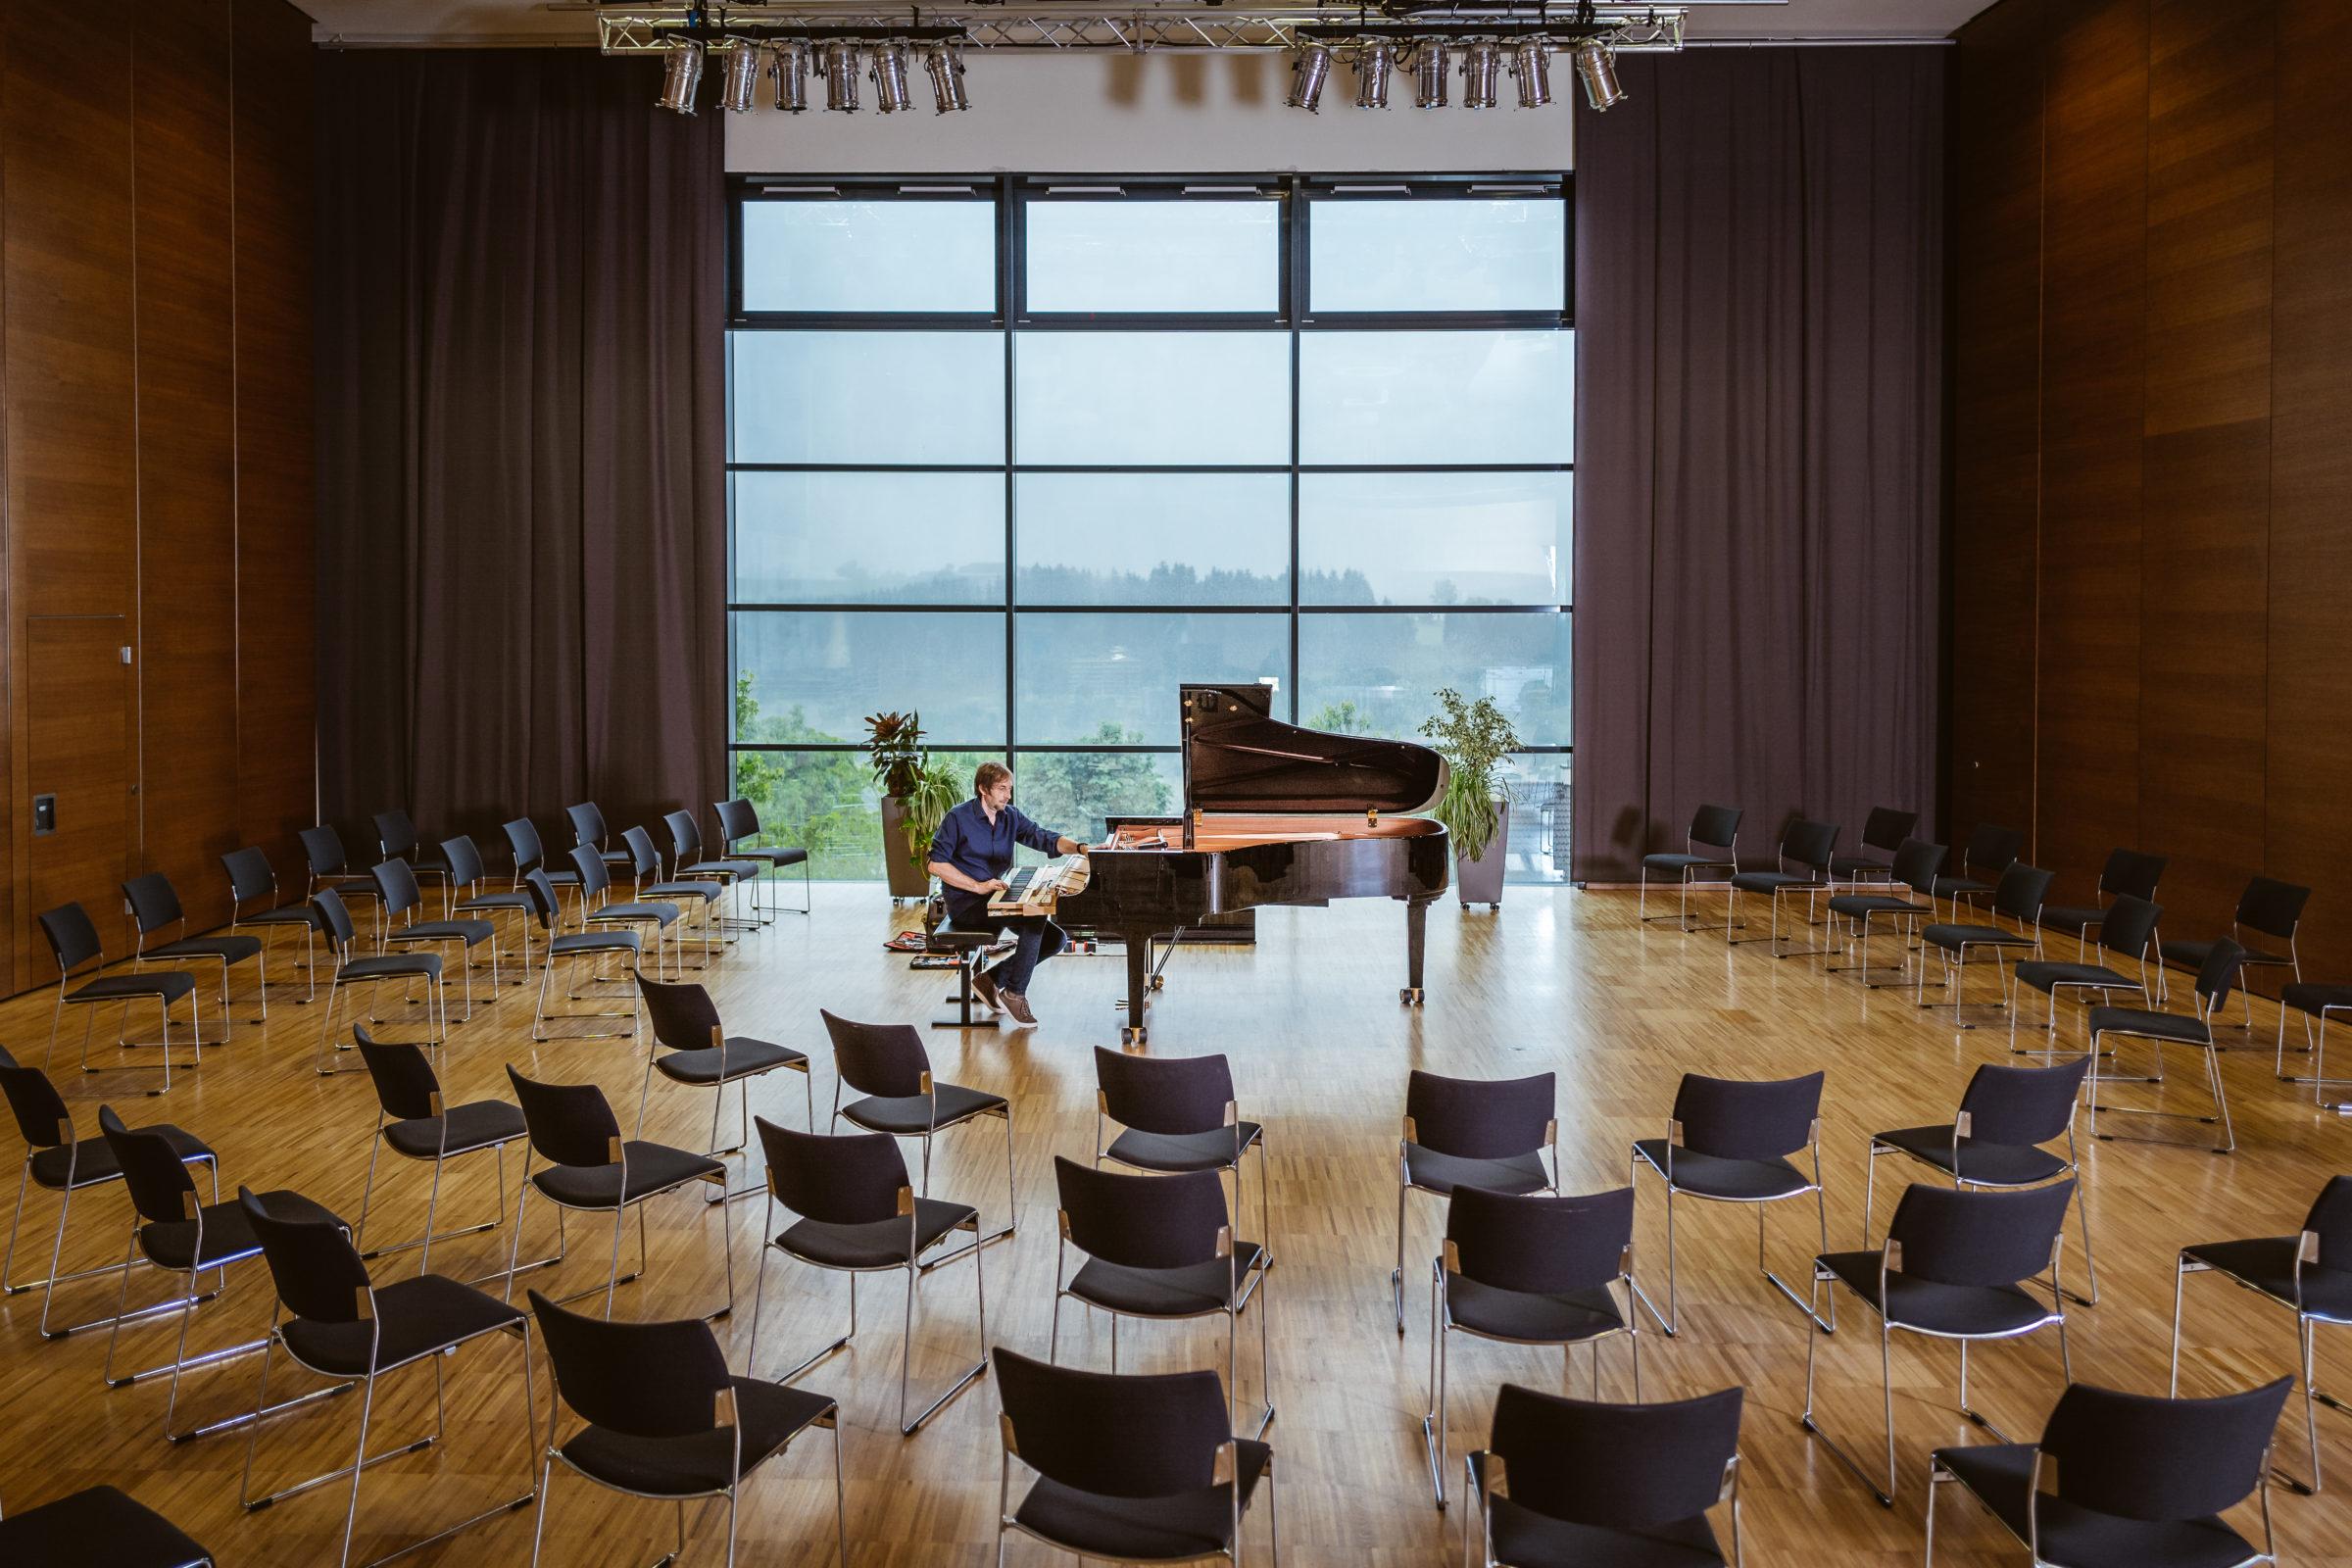 Joachim Schneglberger stimmt und repariert ein Klavier in Ottensheim und Steyregg in Oberösterreich